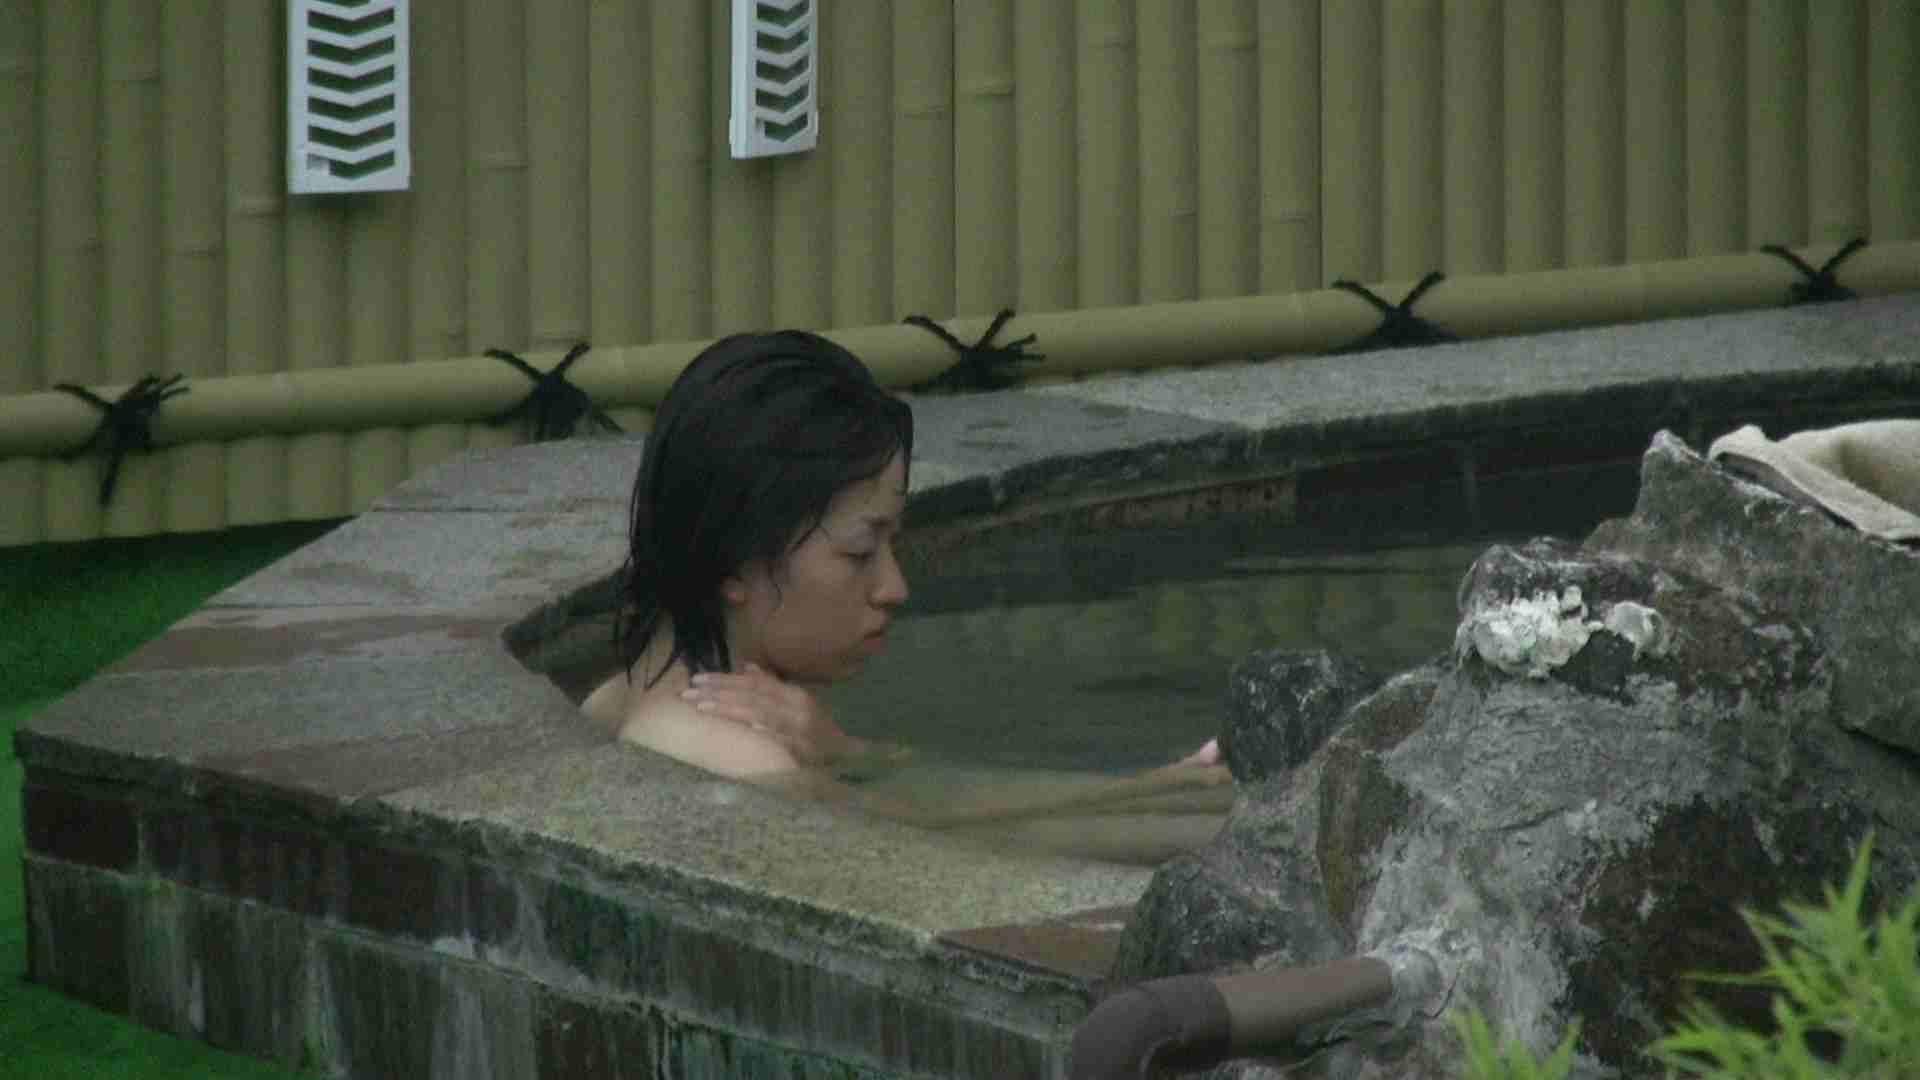 Aquaな露天風呂Vol.170 盗撮大放出 オメコ動画キャプチャ 65連発 14